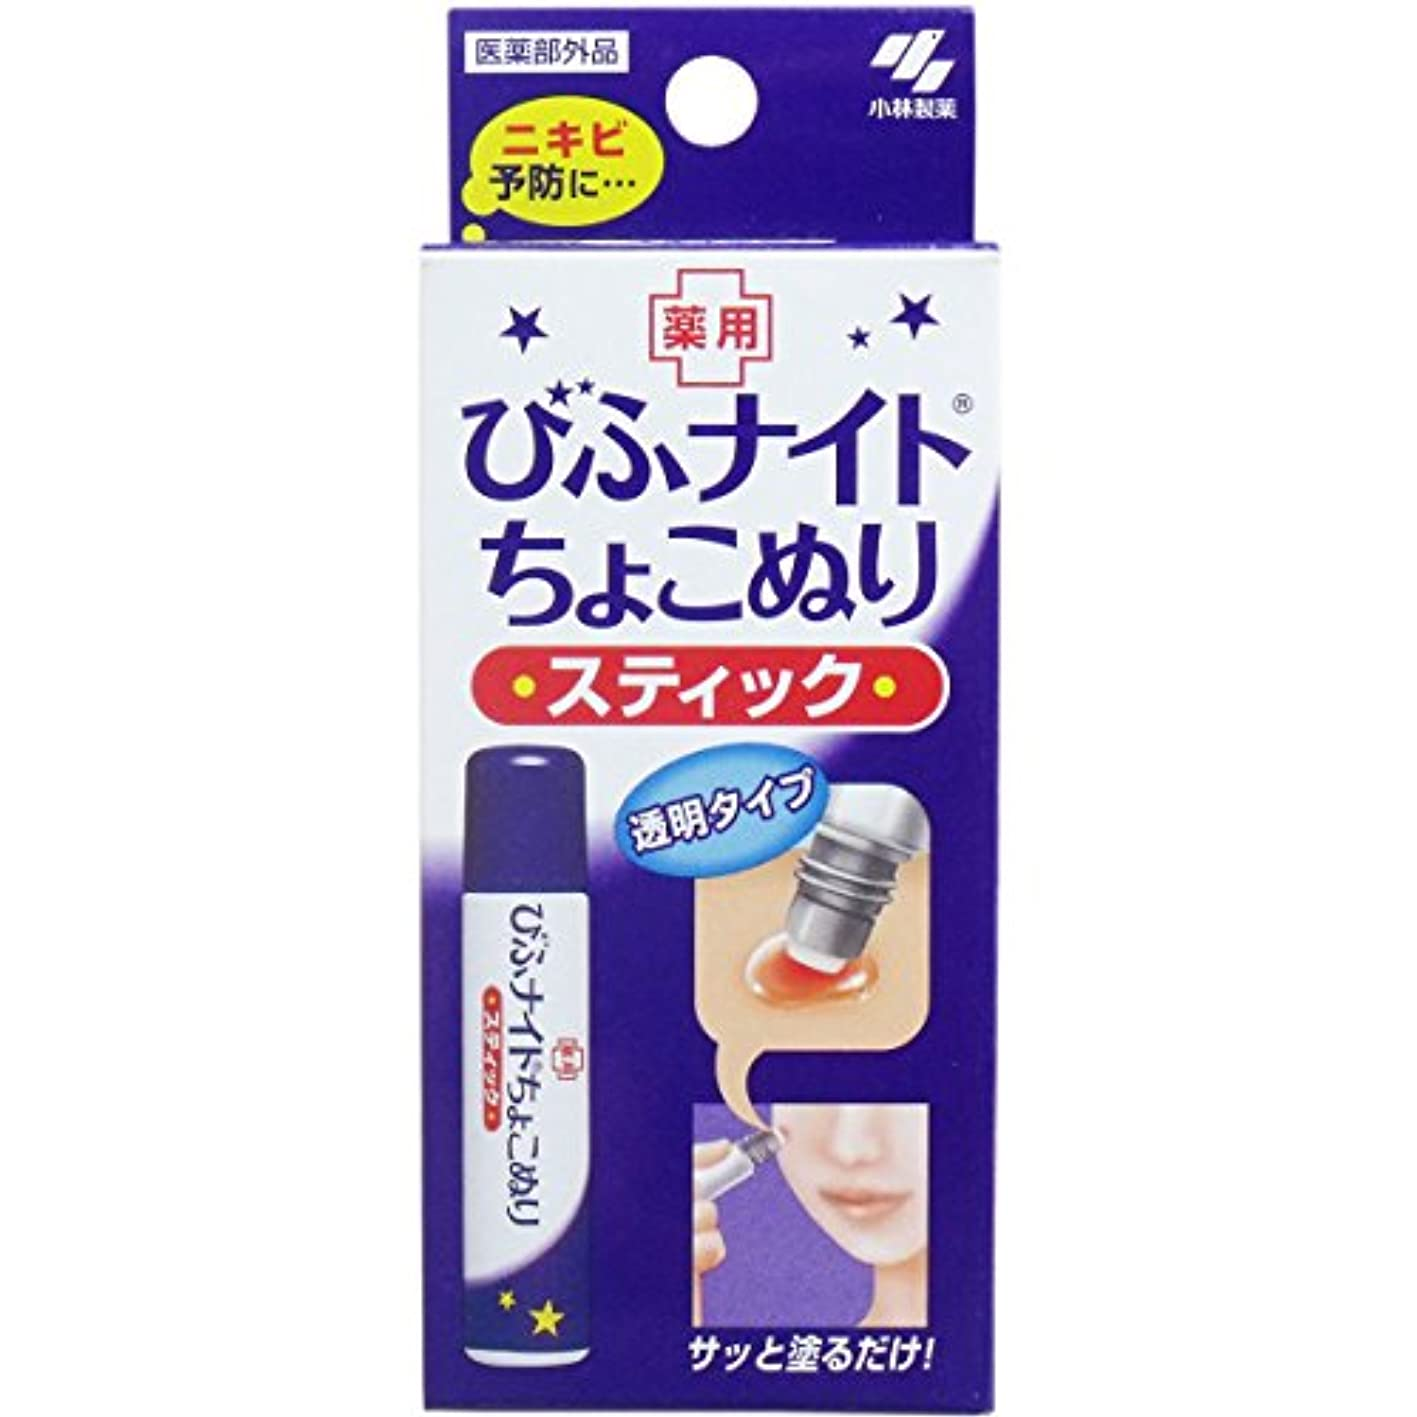 びふナイトちょこぬり × 3個セット